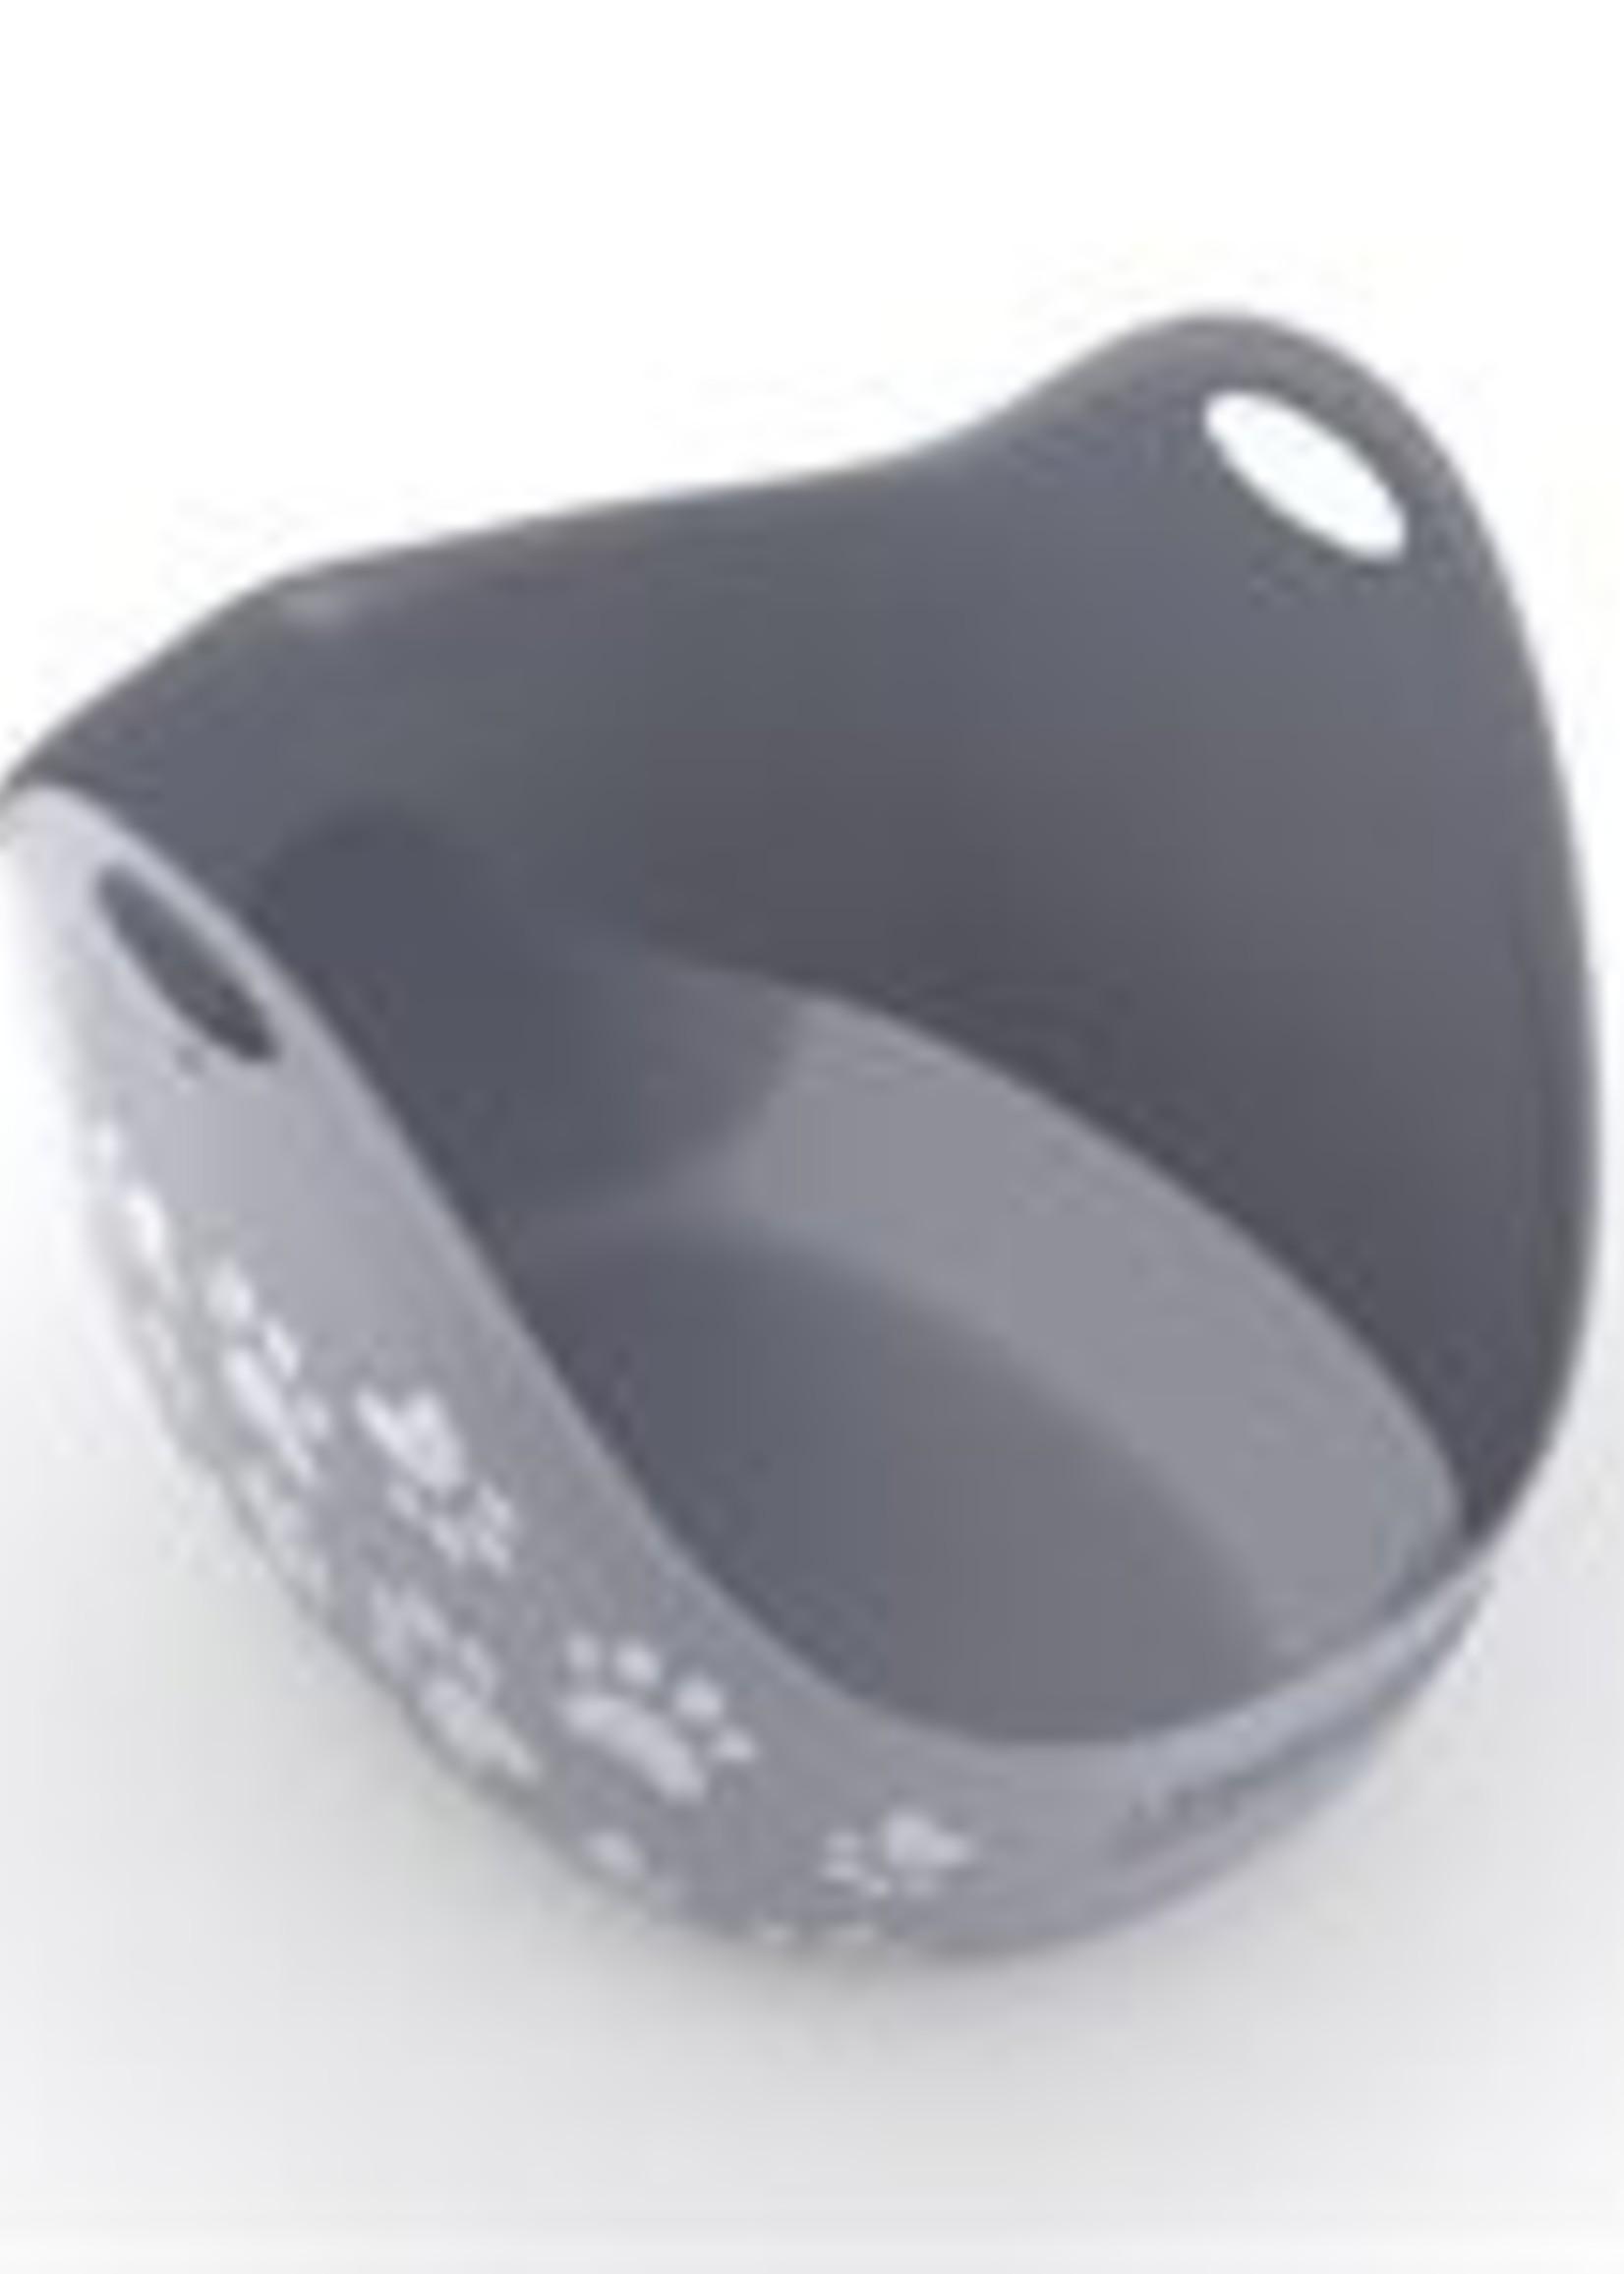 LitterLocker® LitterLocker® Litter Basket with Scoop